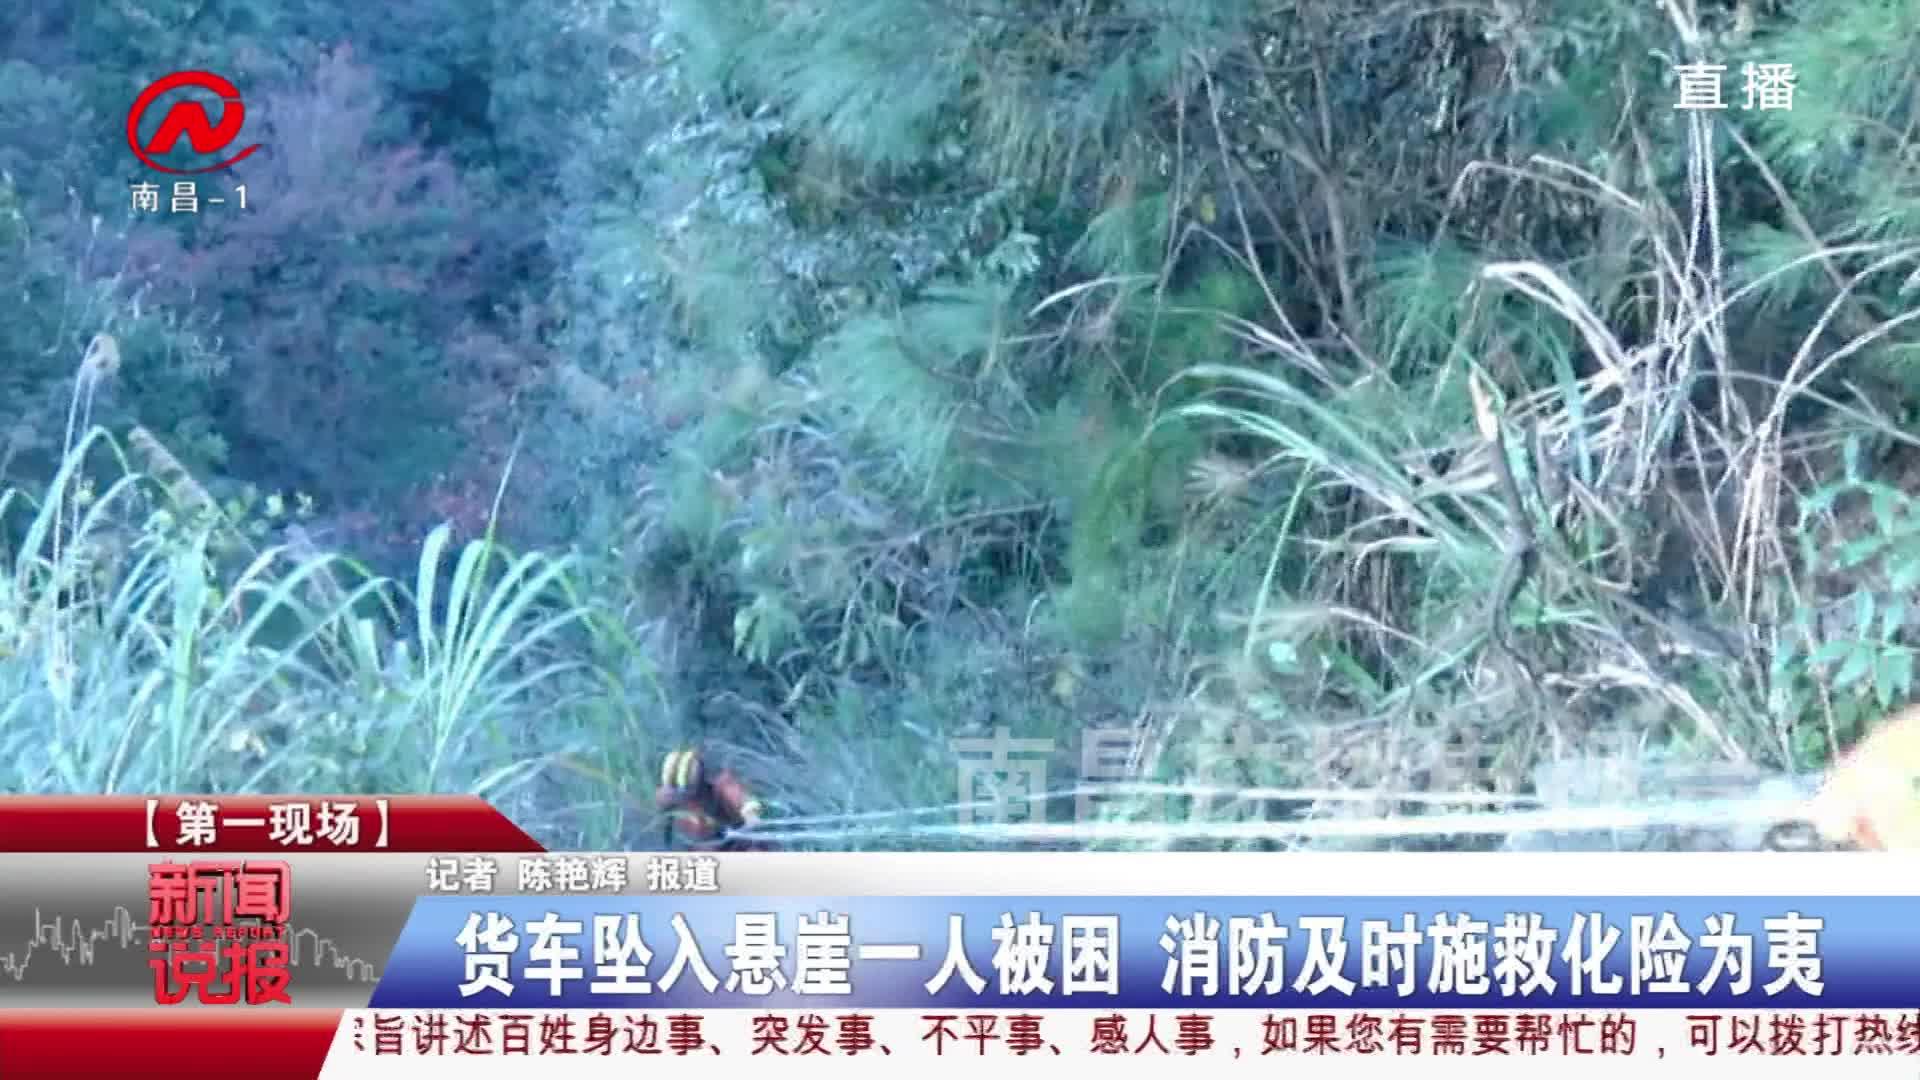 货车坠入悬崖一人被困 消防及时施救化险为夷